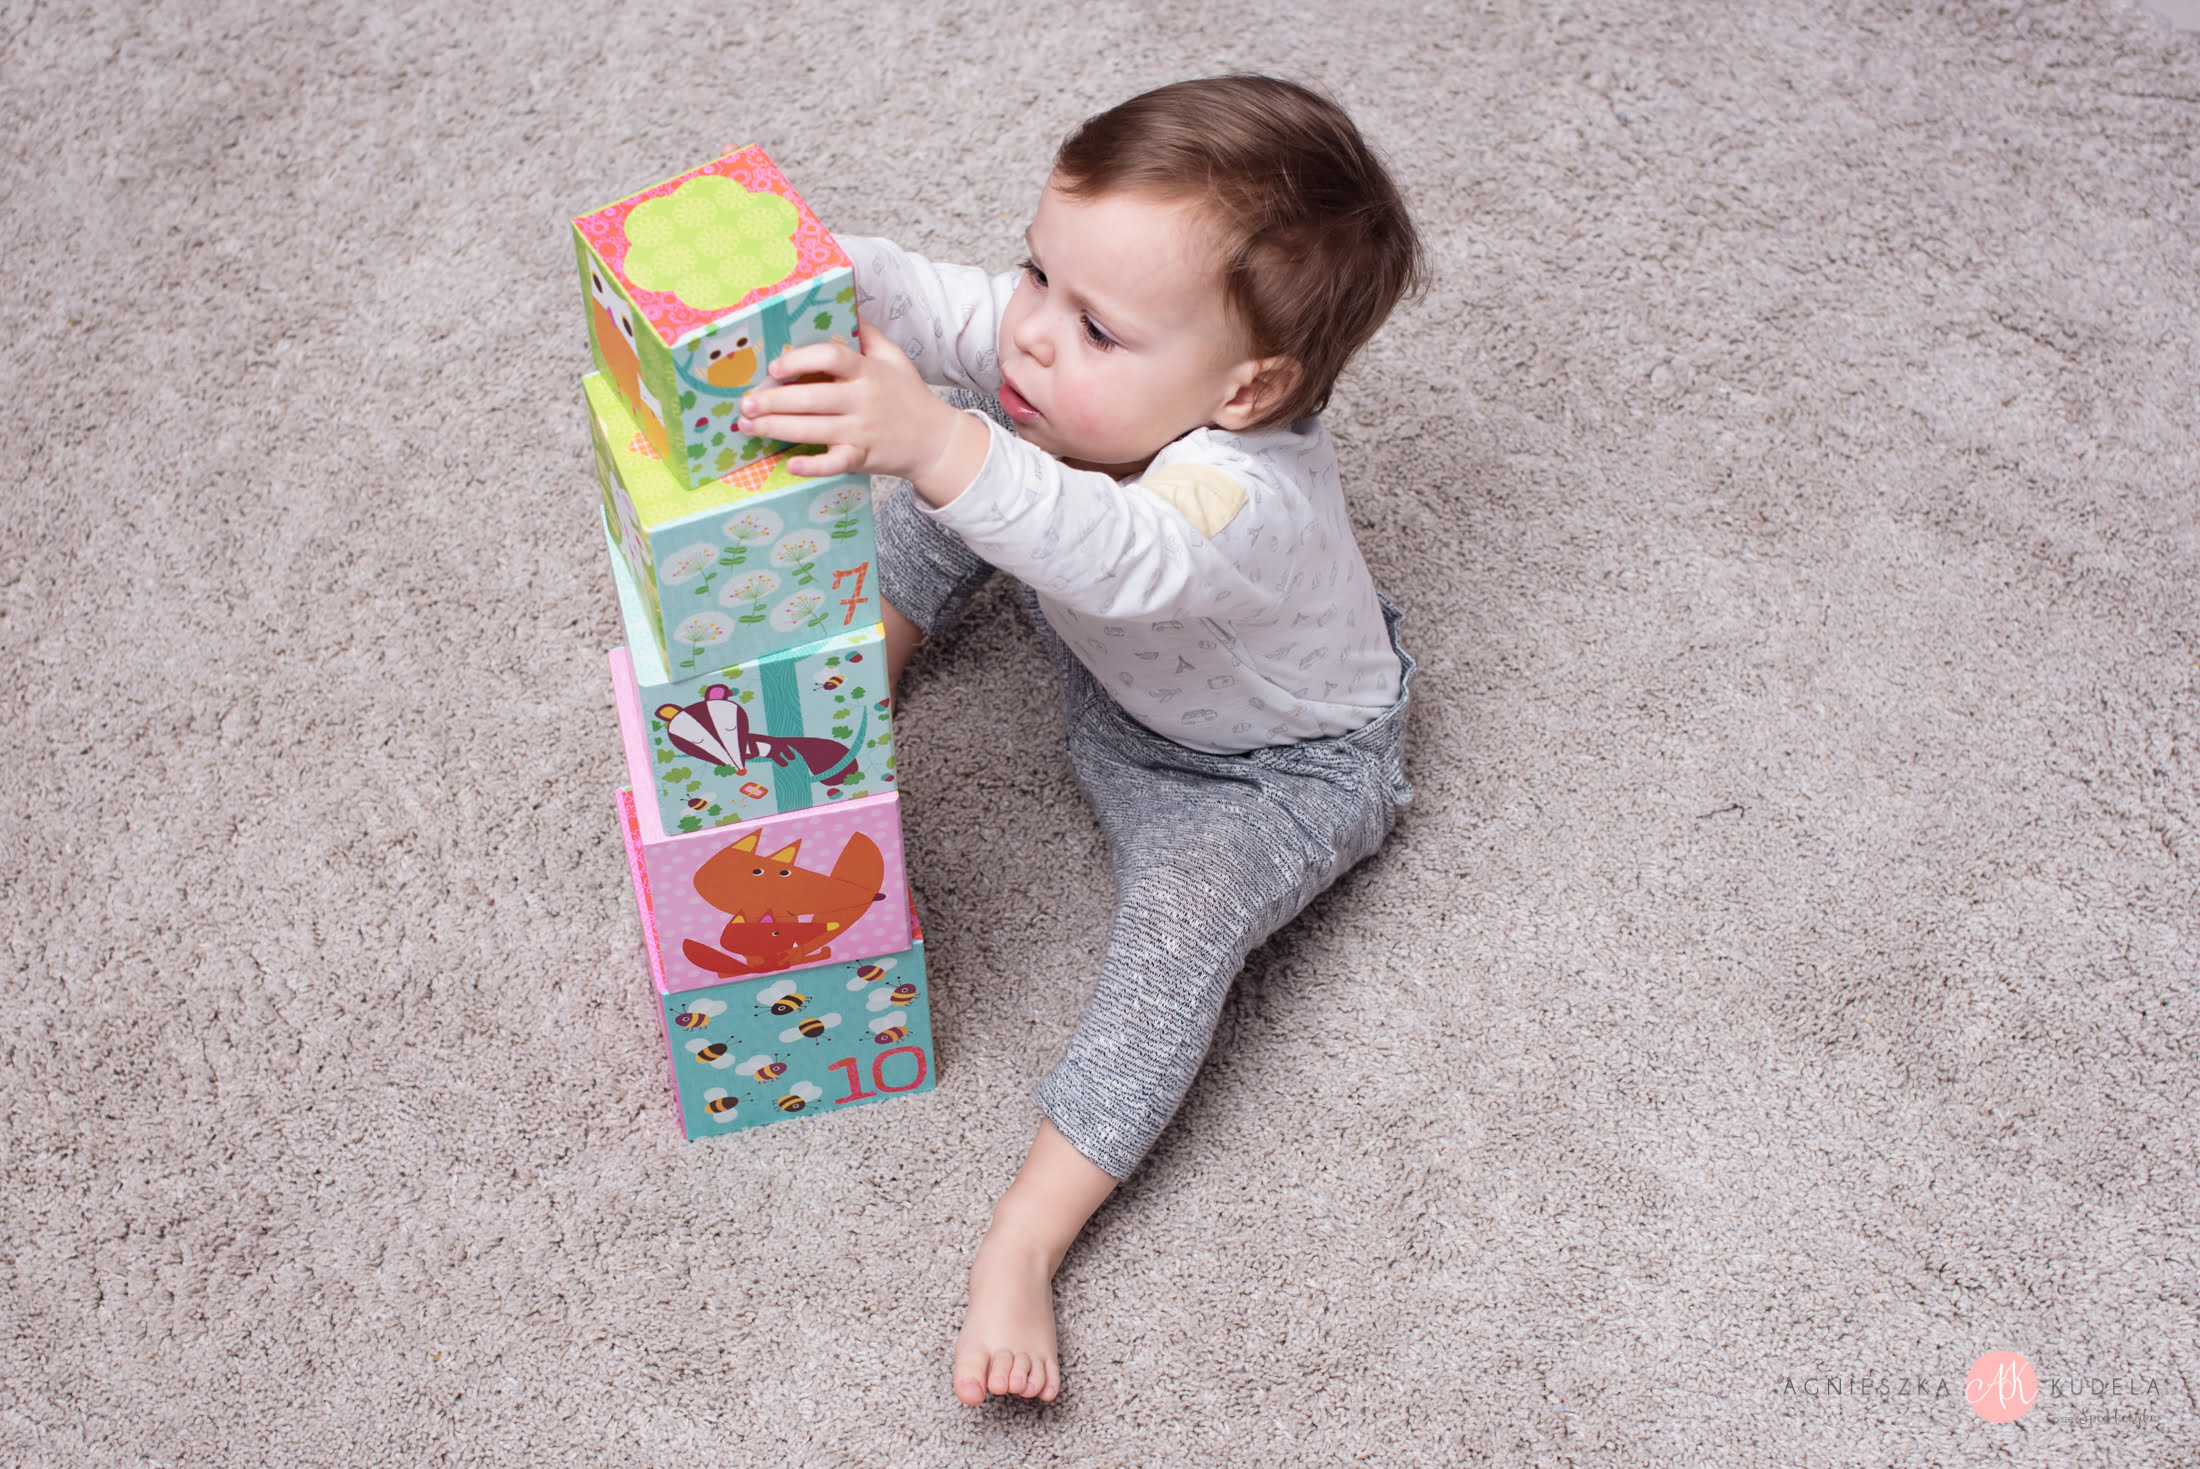 fajna zabawka edukacyjna dla dwulatka